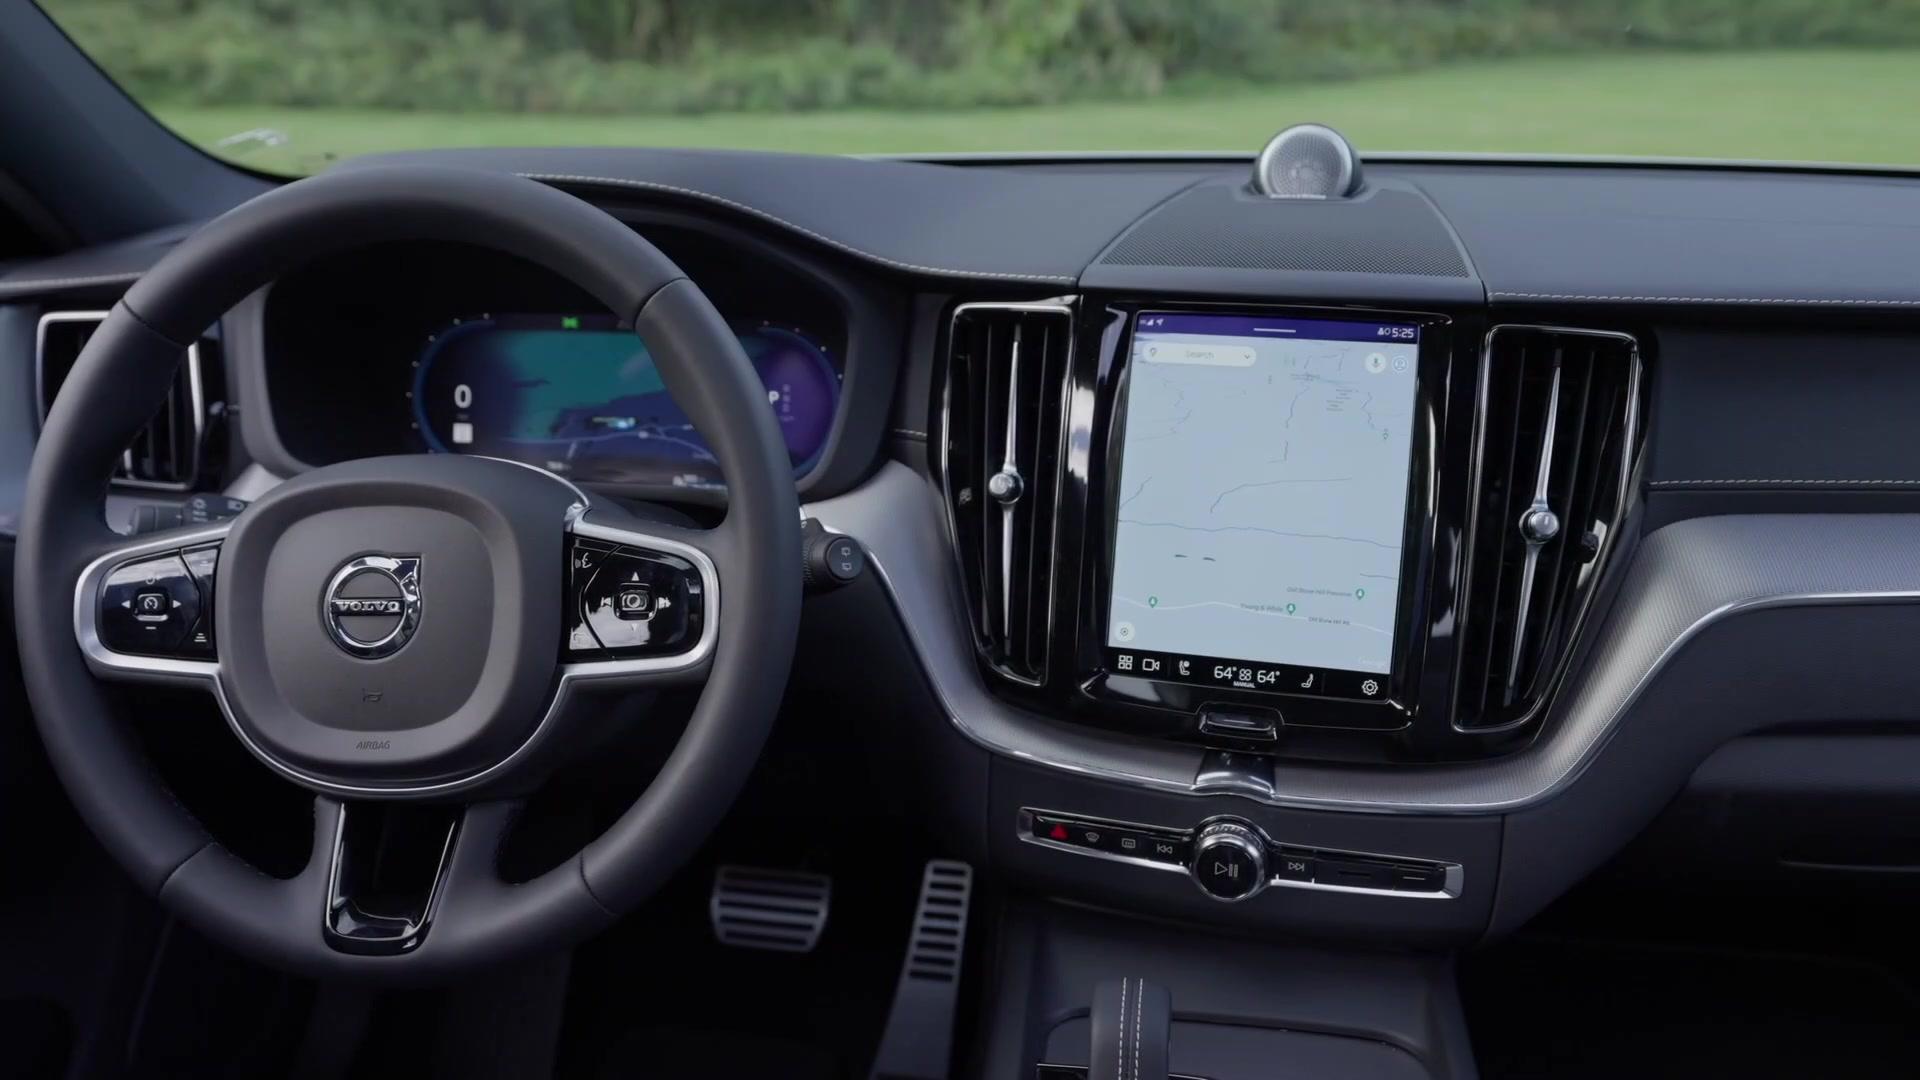 2022 Volvo XC60 - Konnektivität und Infotainment